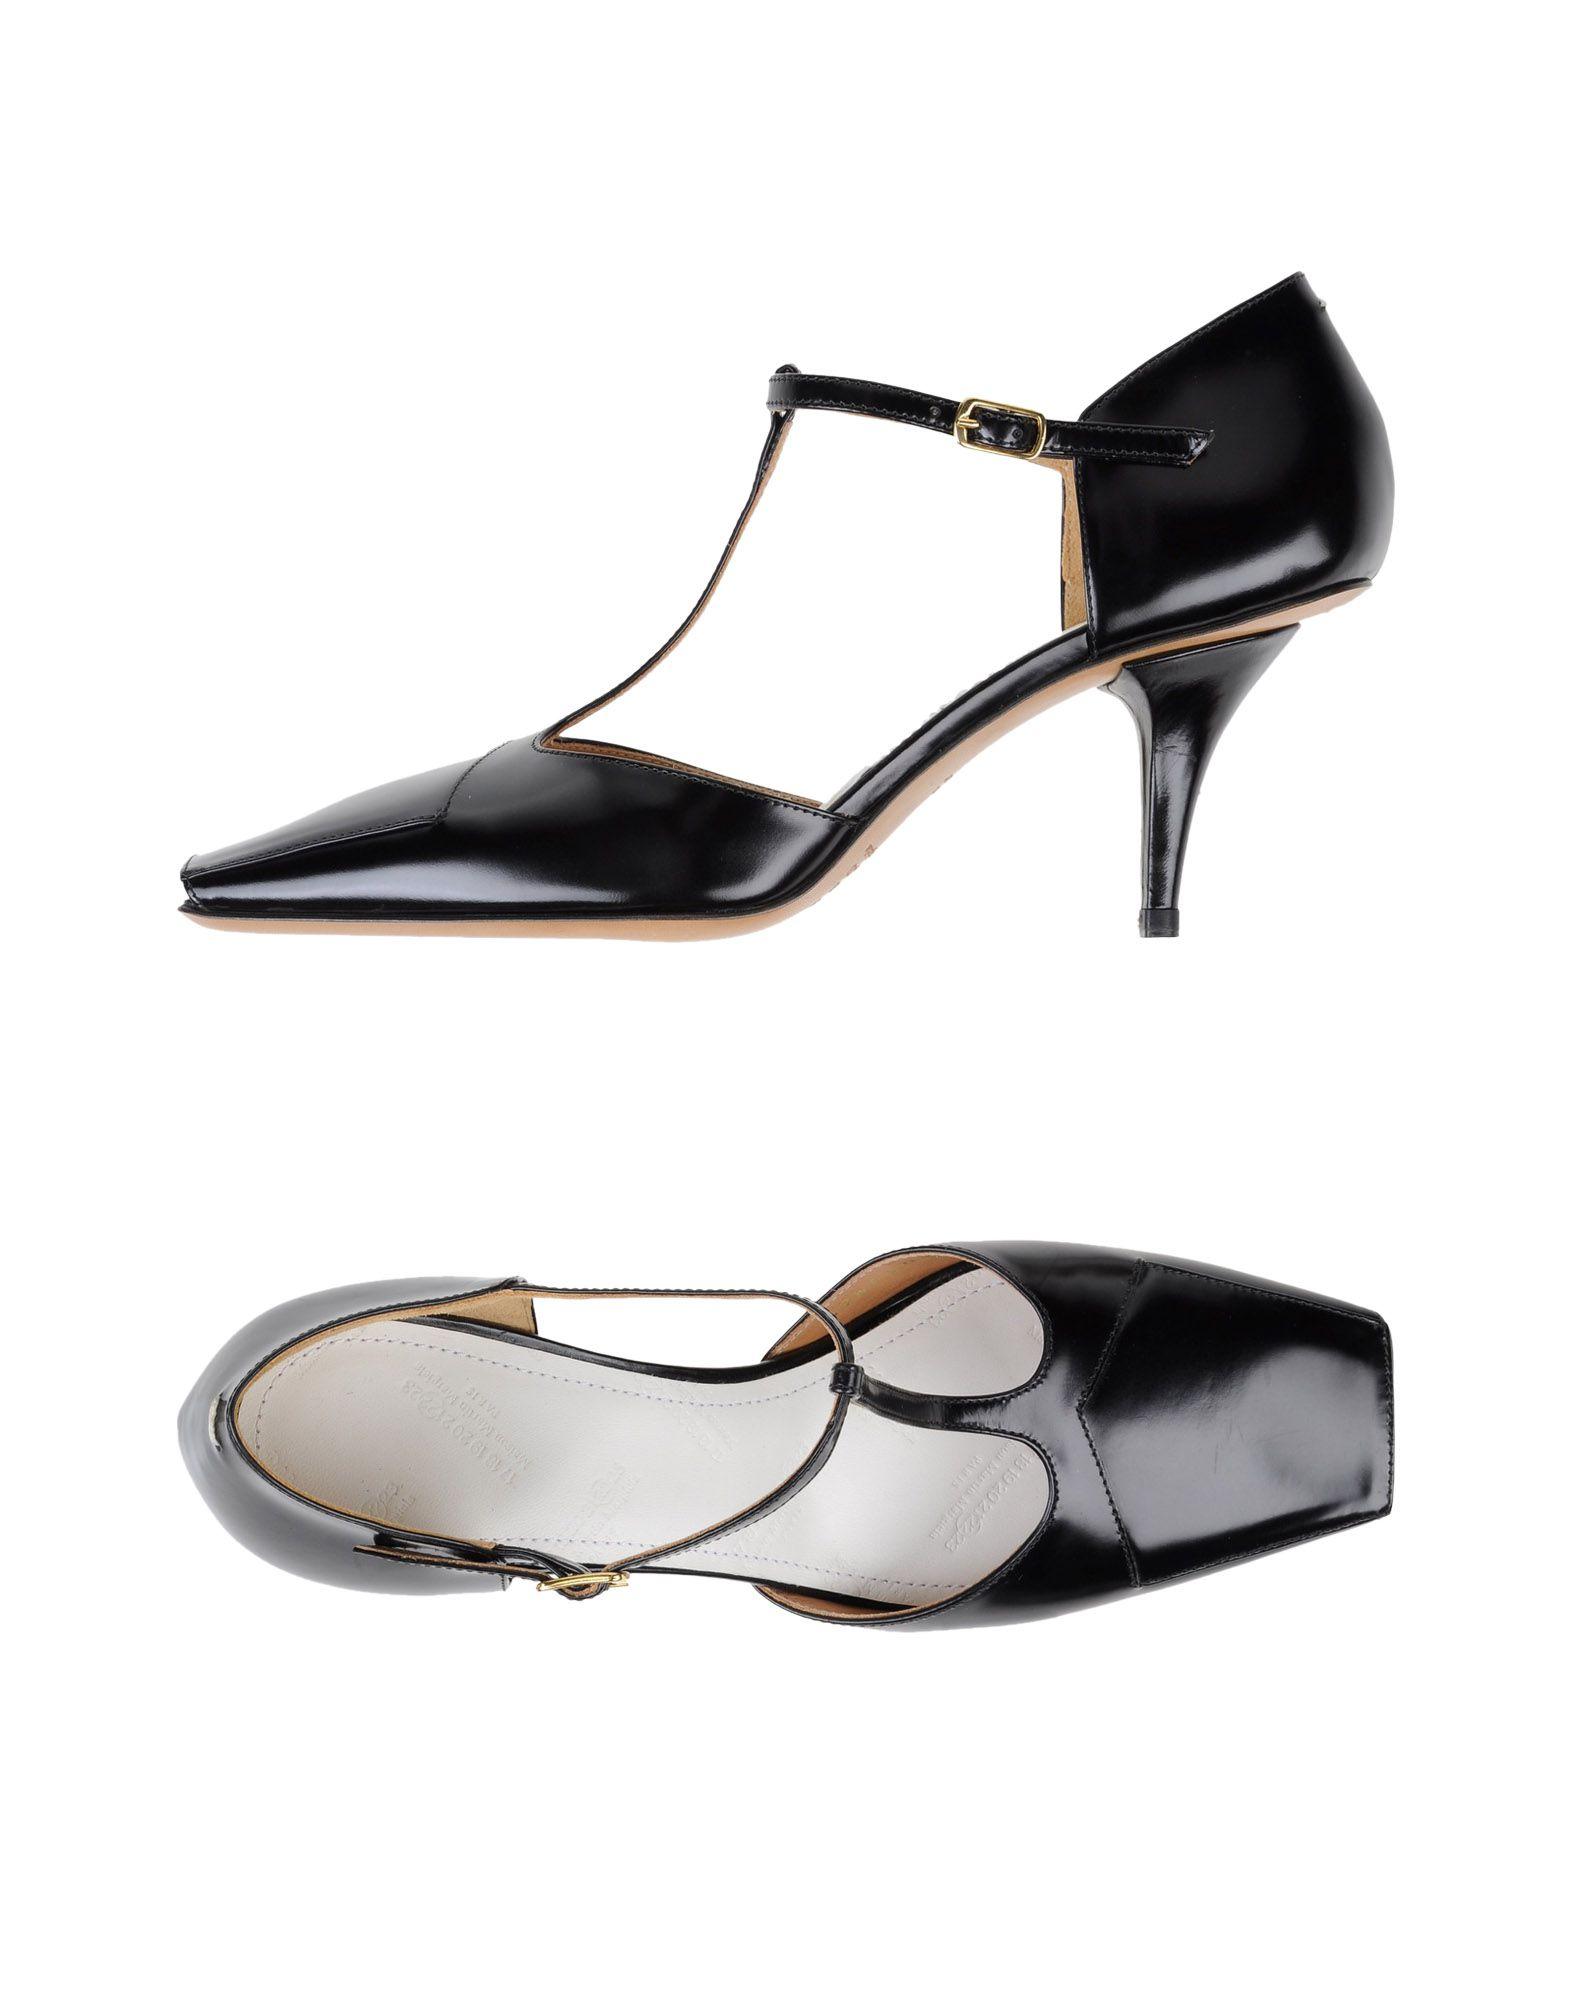 Casual salvaje Zapato De Salón Maison Margiela Salones Mujer - Salones Margiela Maison Margiela  Negro bc4e65